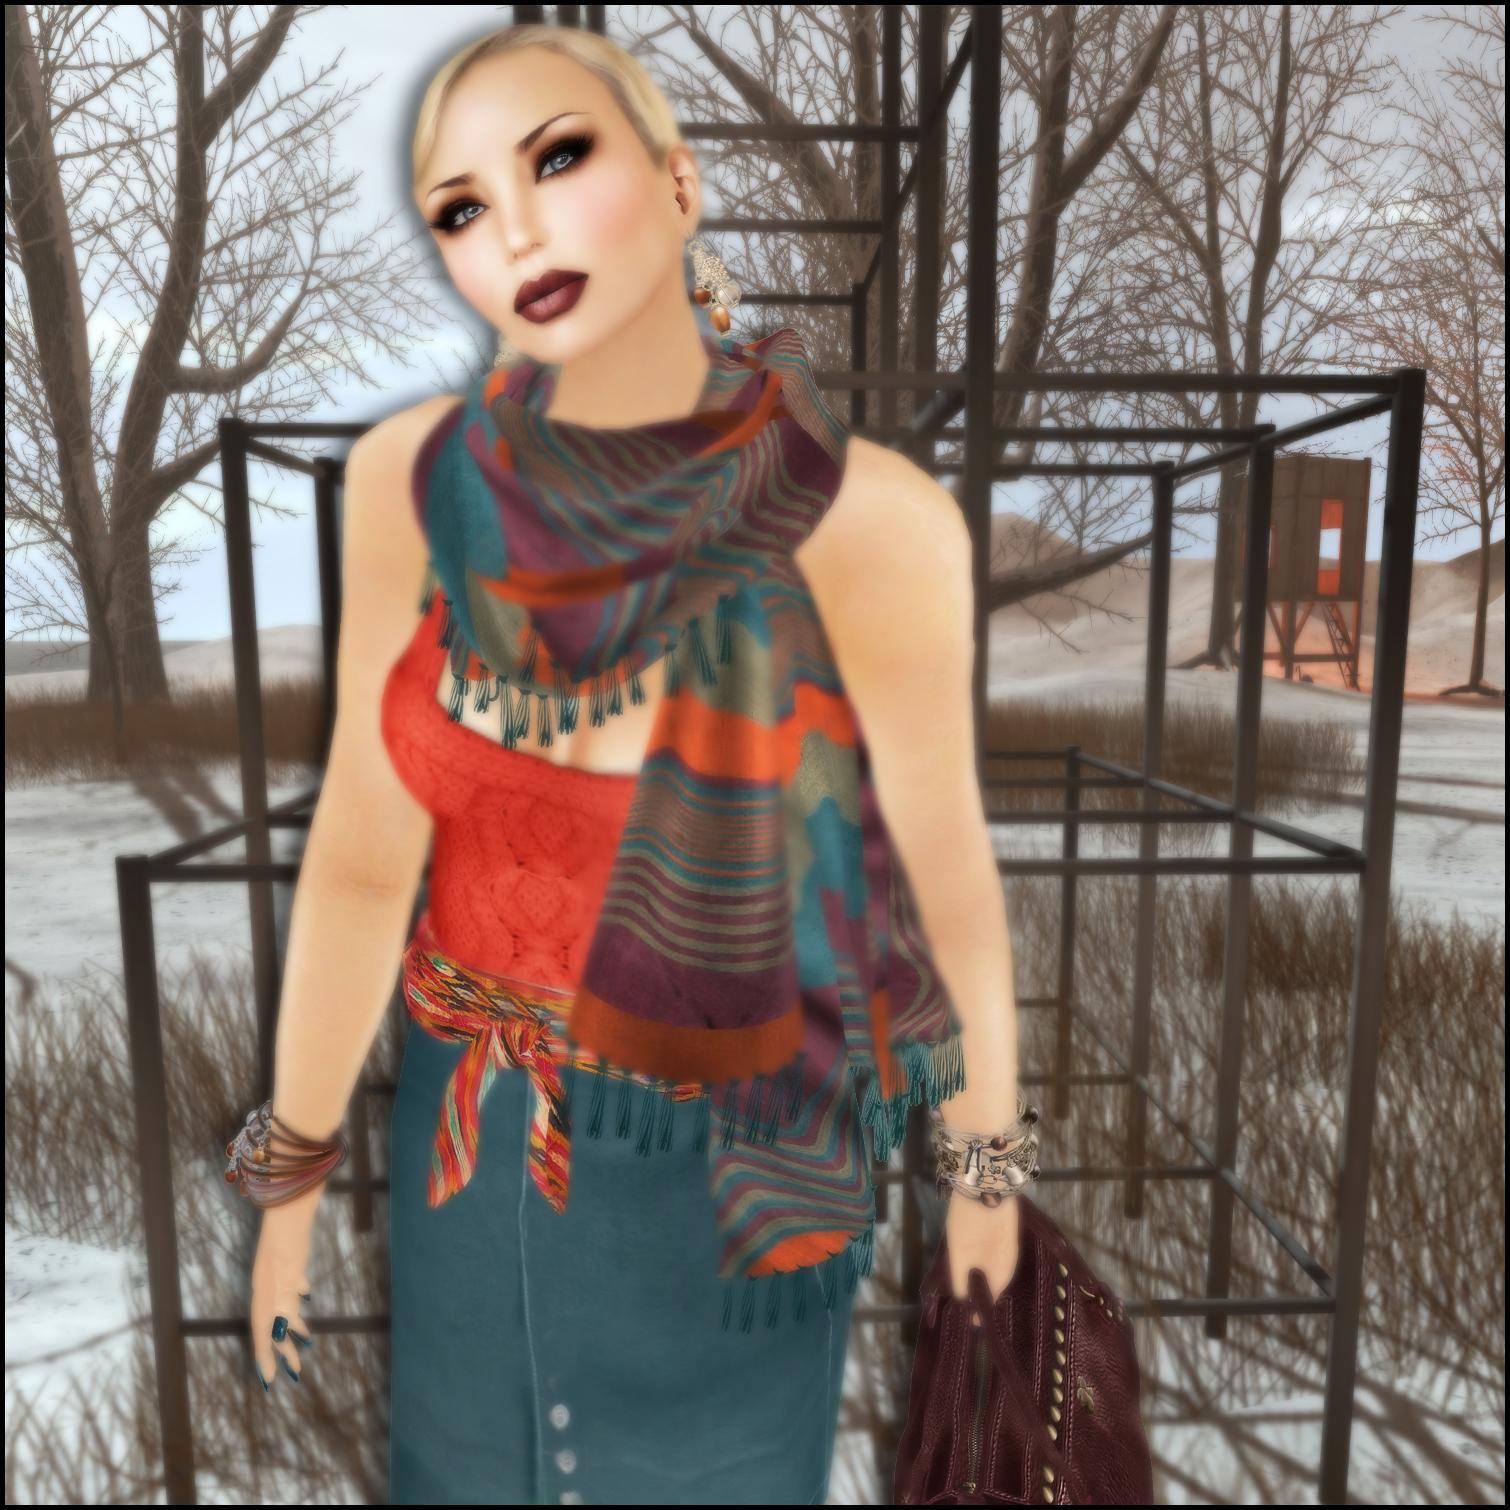 Bohemian Clothing Designers Names An off shoot of BoHo HoBo